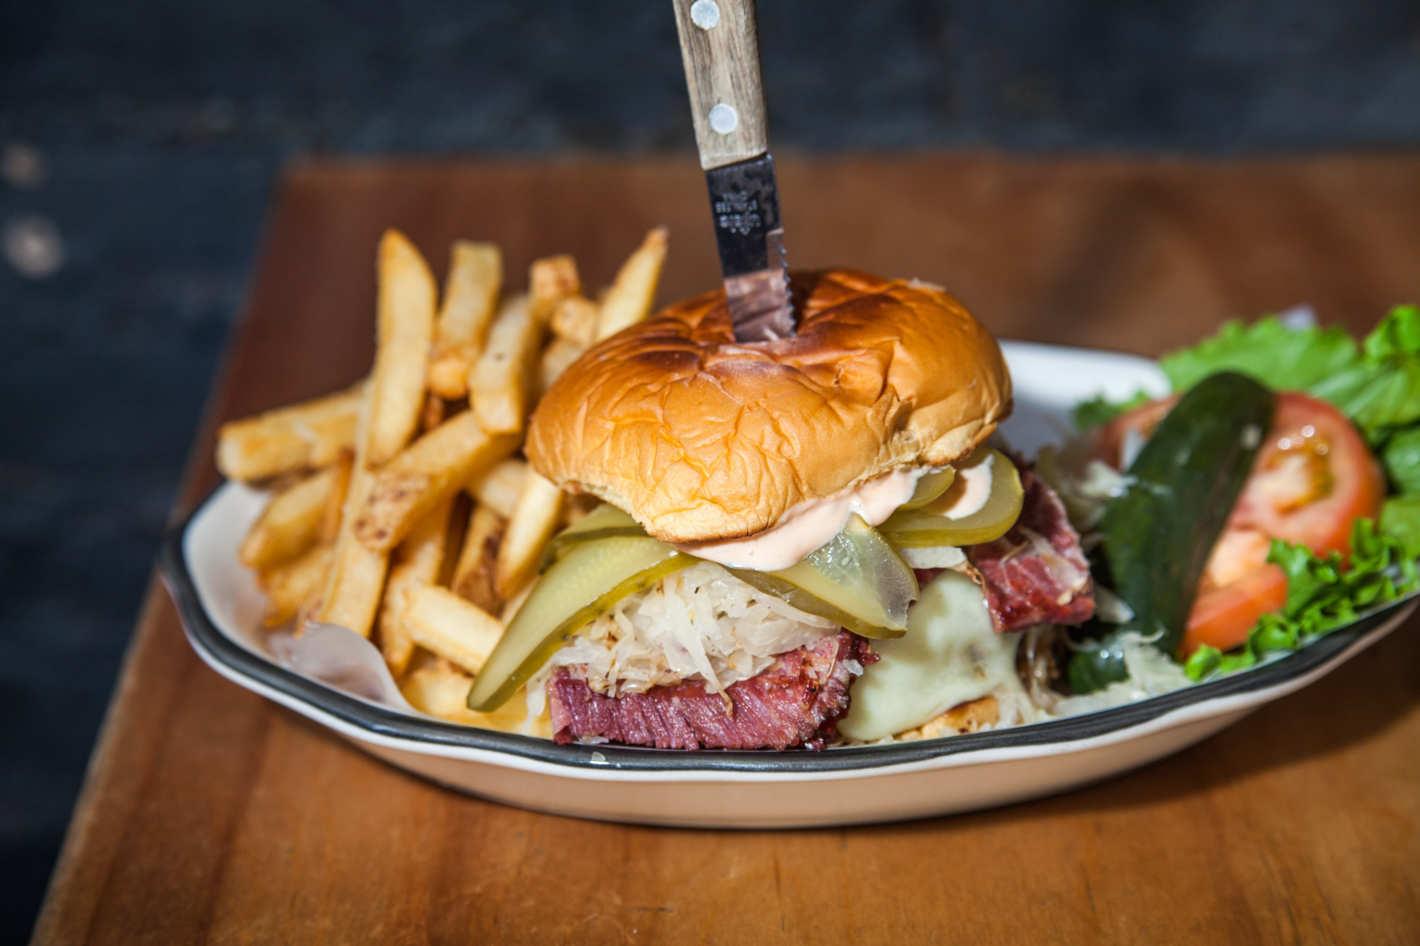 07-black-tap-reuben-burger-2.w710.h473.2x.jpg